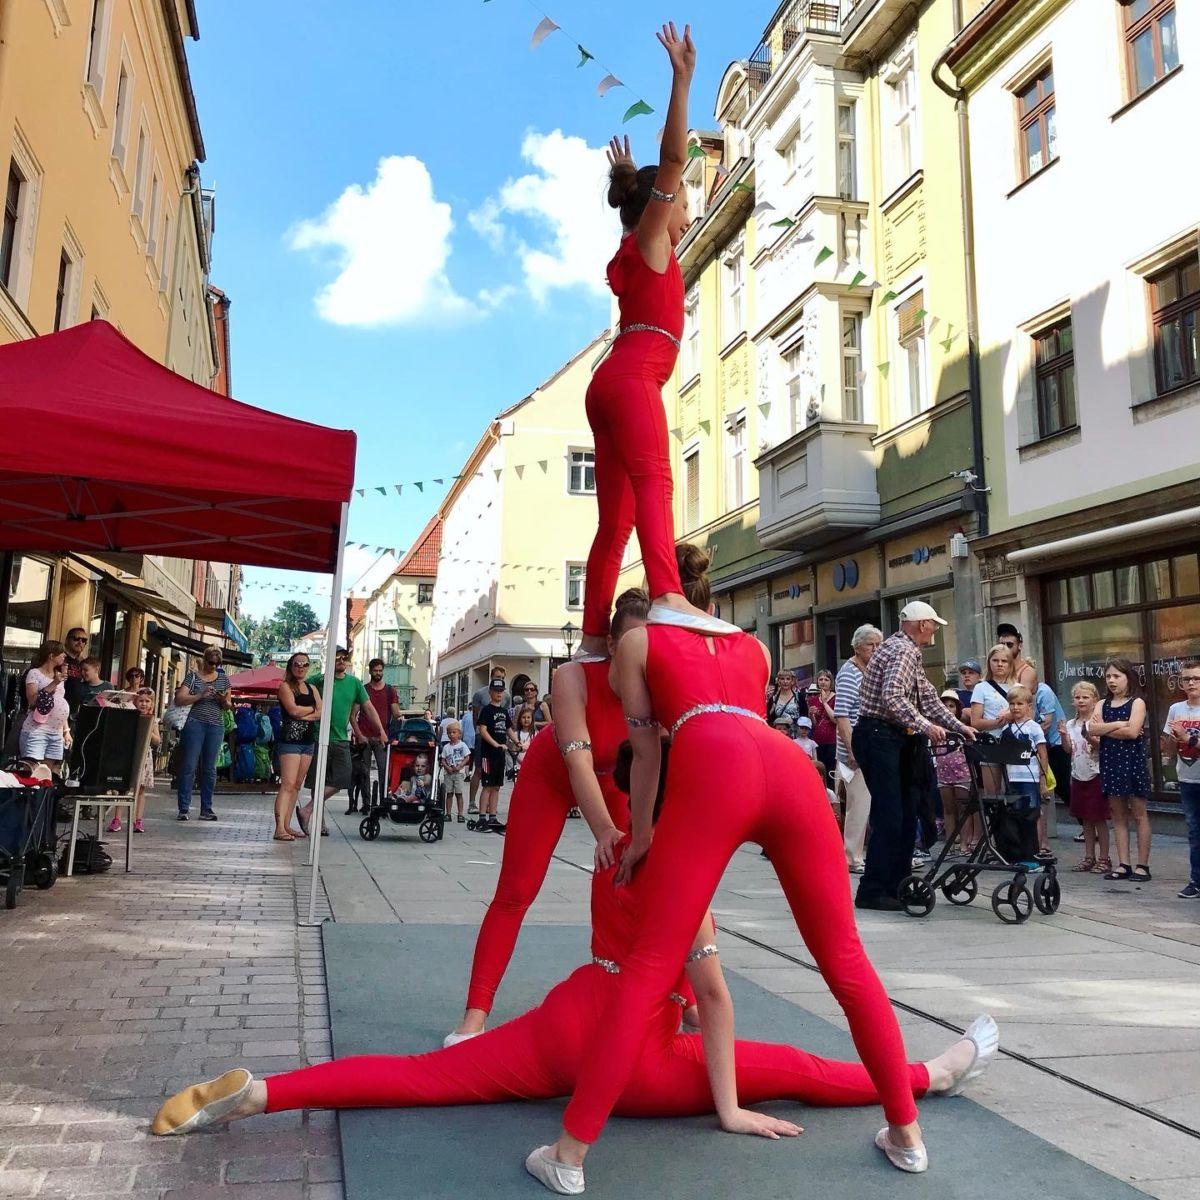 210703_pirnaerleben-1. Straßenkultursamstag (4)